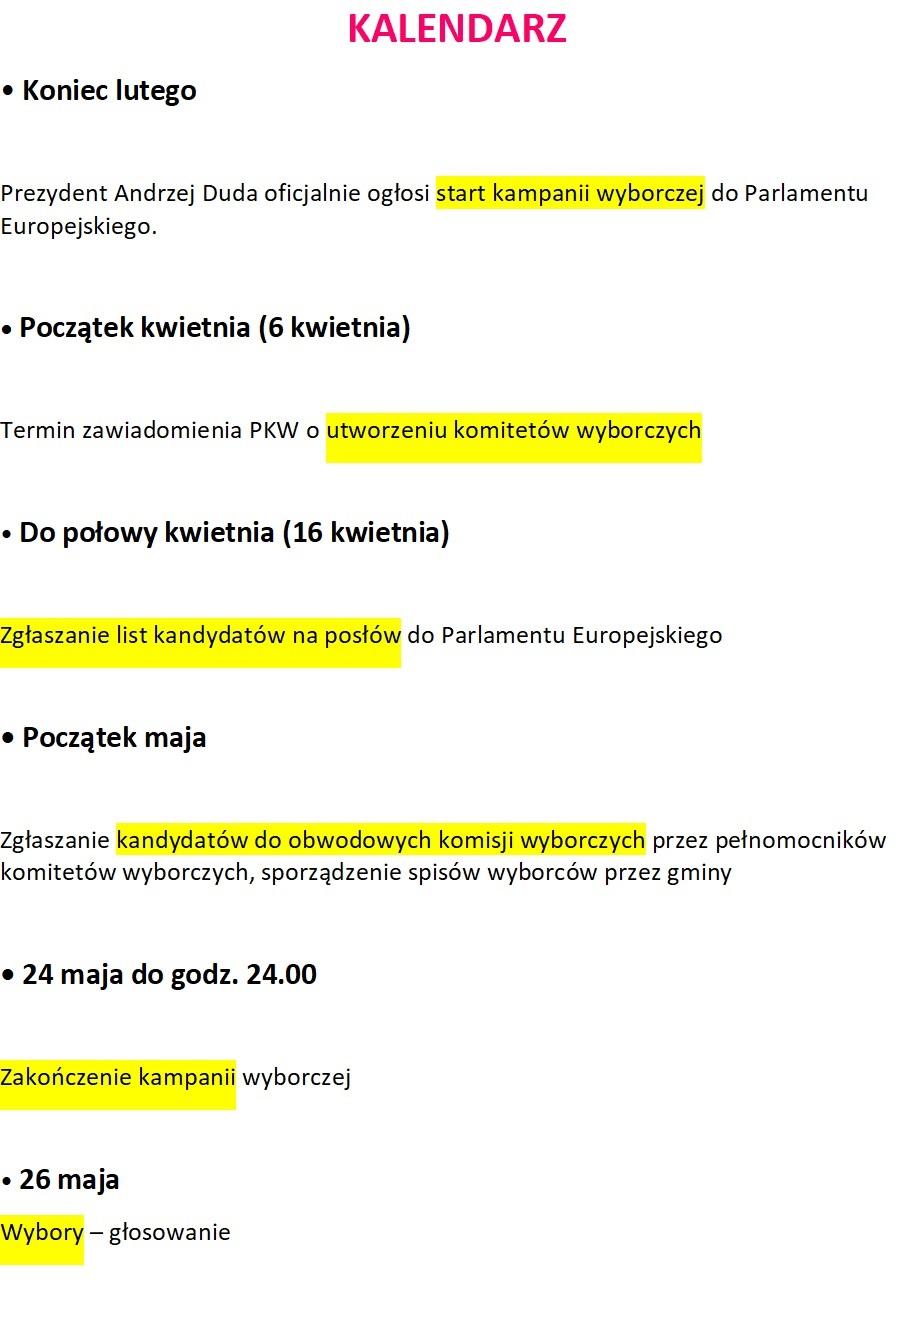 Kalendarz wyborczy PE (fot.AT)